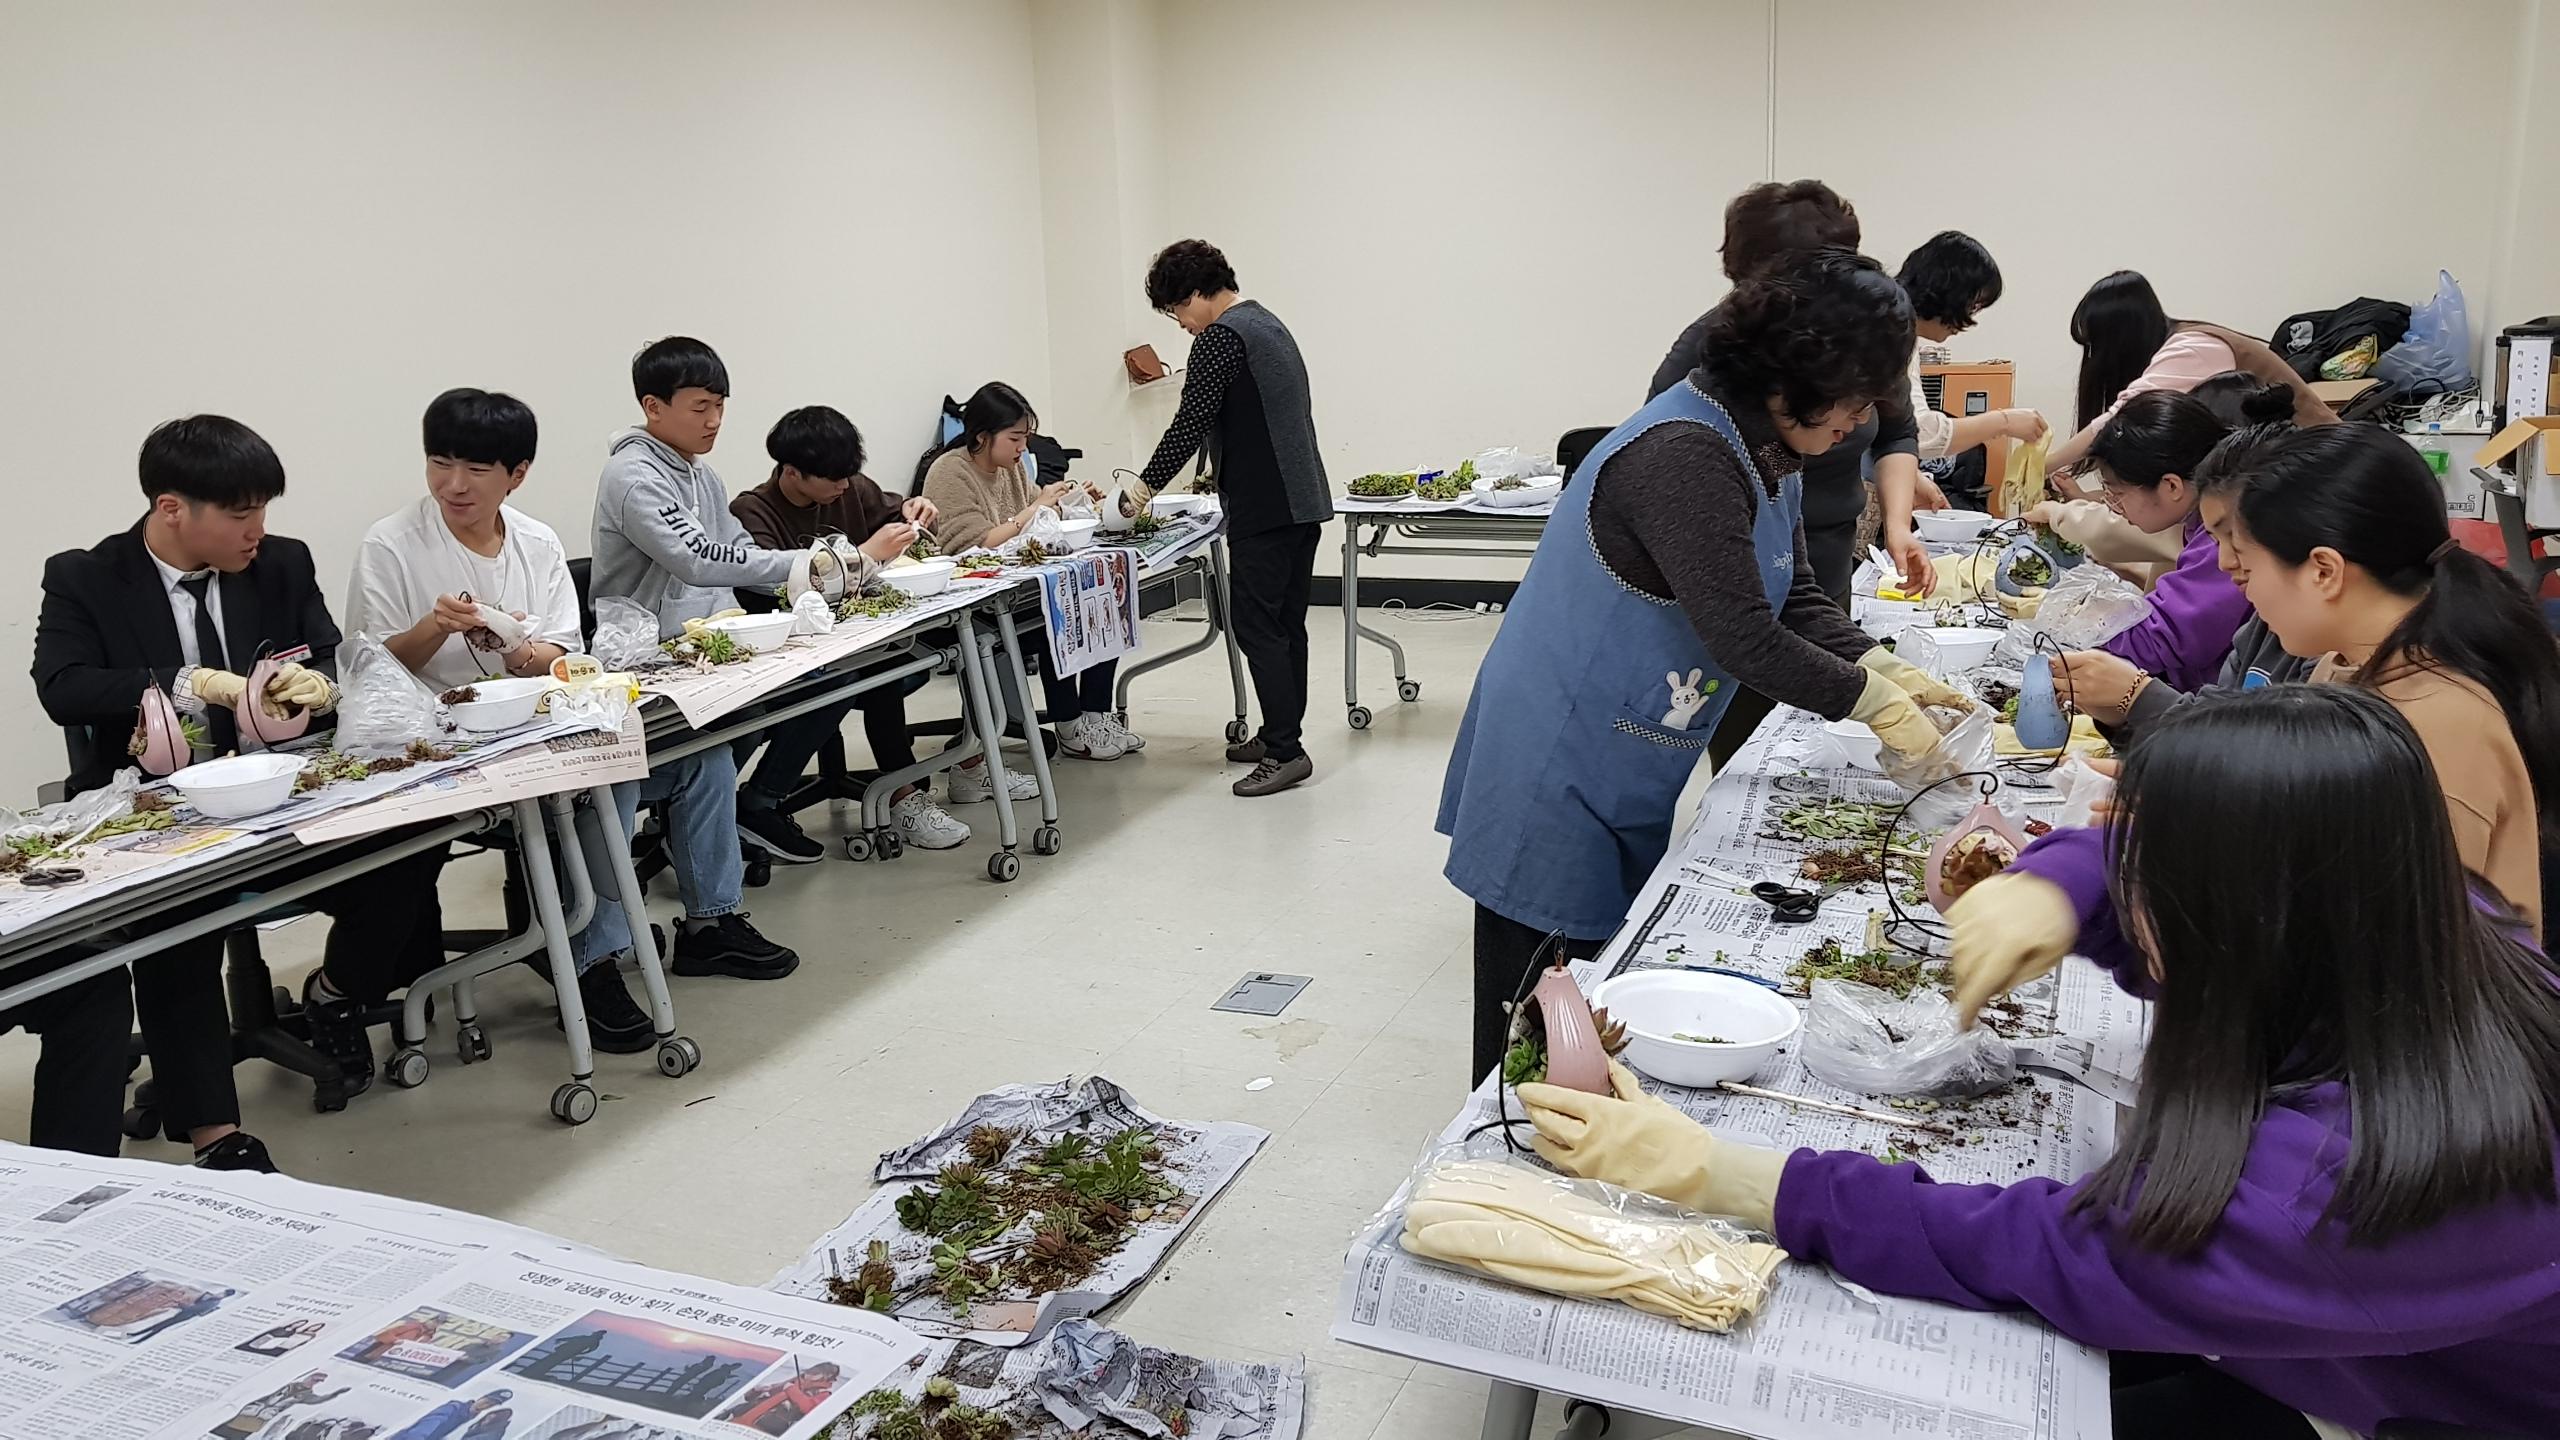 2018년 울릉군 고3청소년 자원봉사 및 사회적응프로그램 운영 개최